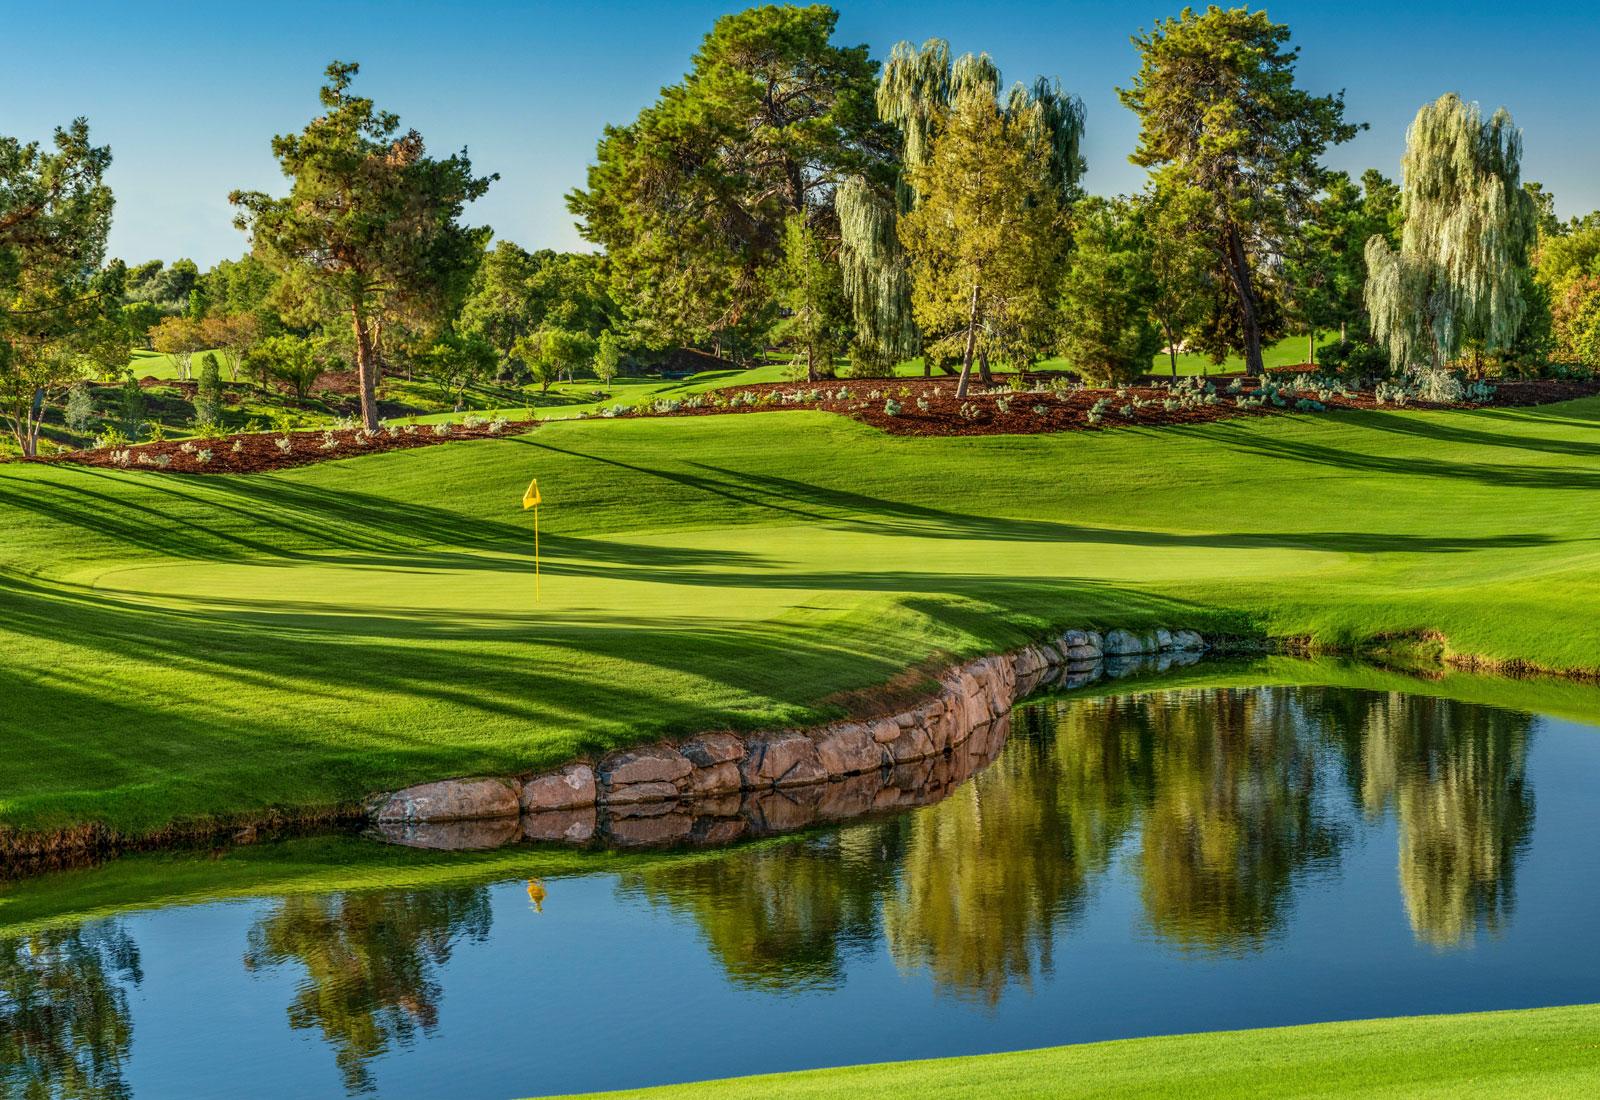 Wynn Las Vegas Golf Course